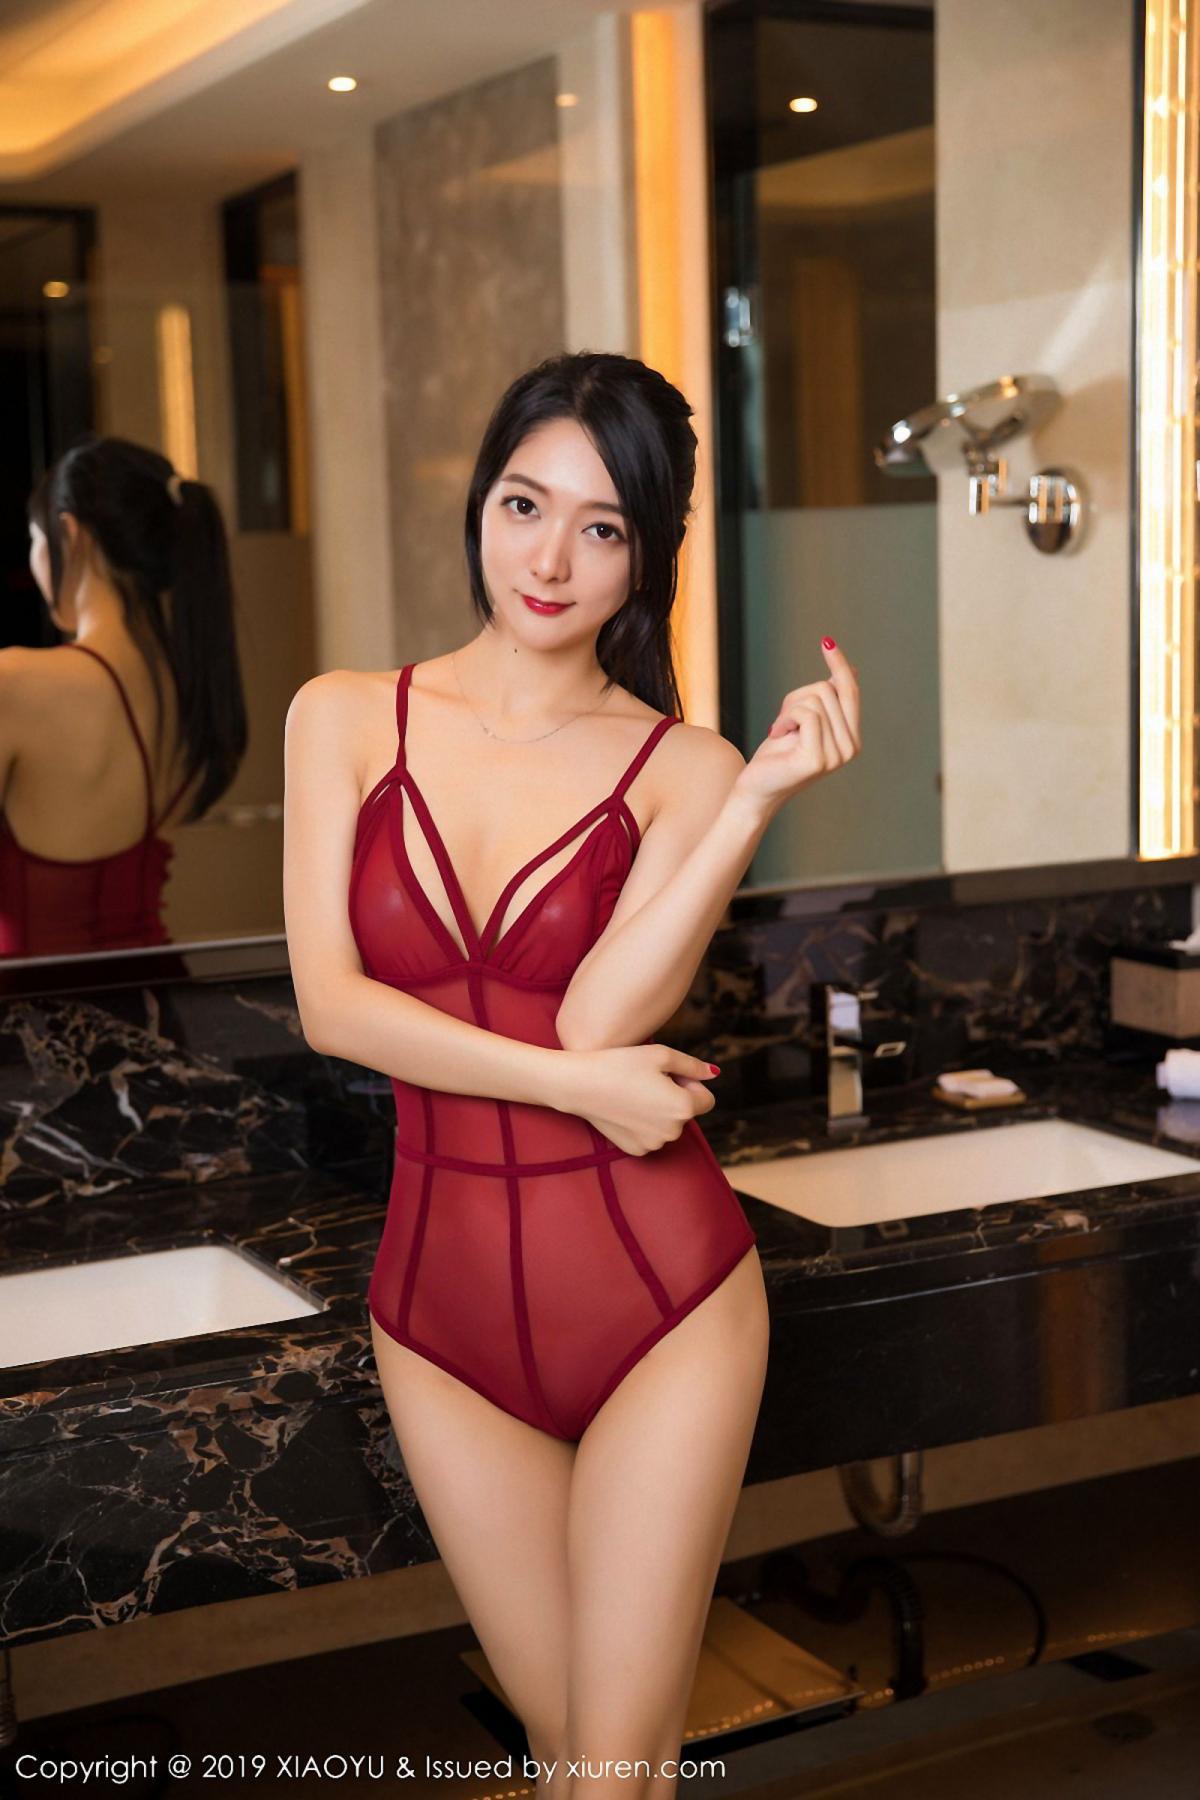 [XiaoYu] Vol.046 Angela Xi Huan Mao 49P, Di Yi, Tall, Underwear, XiaoYu